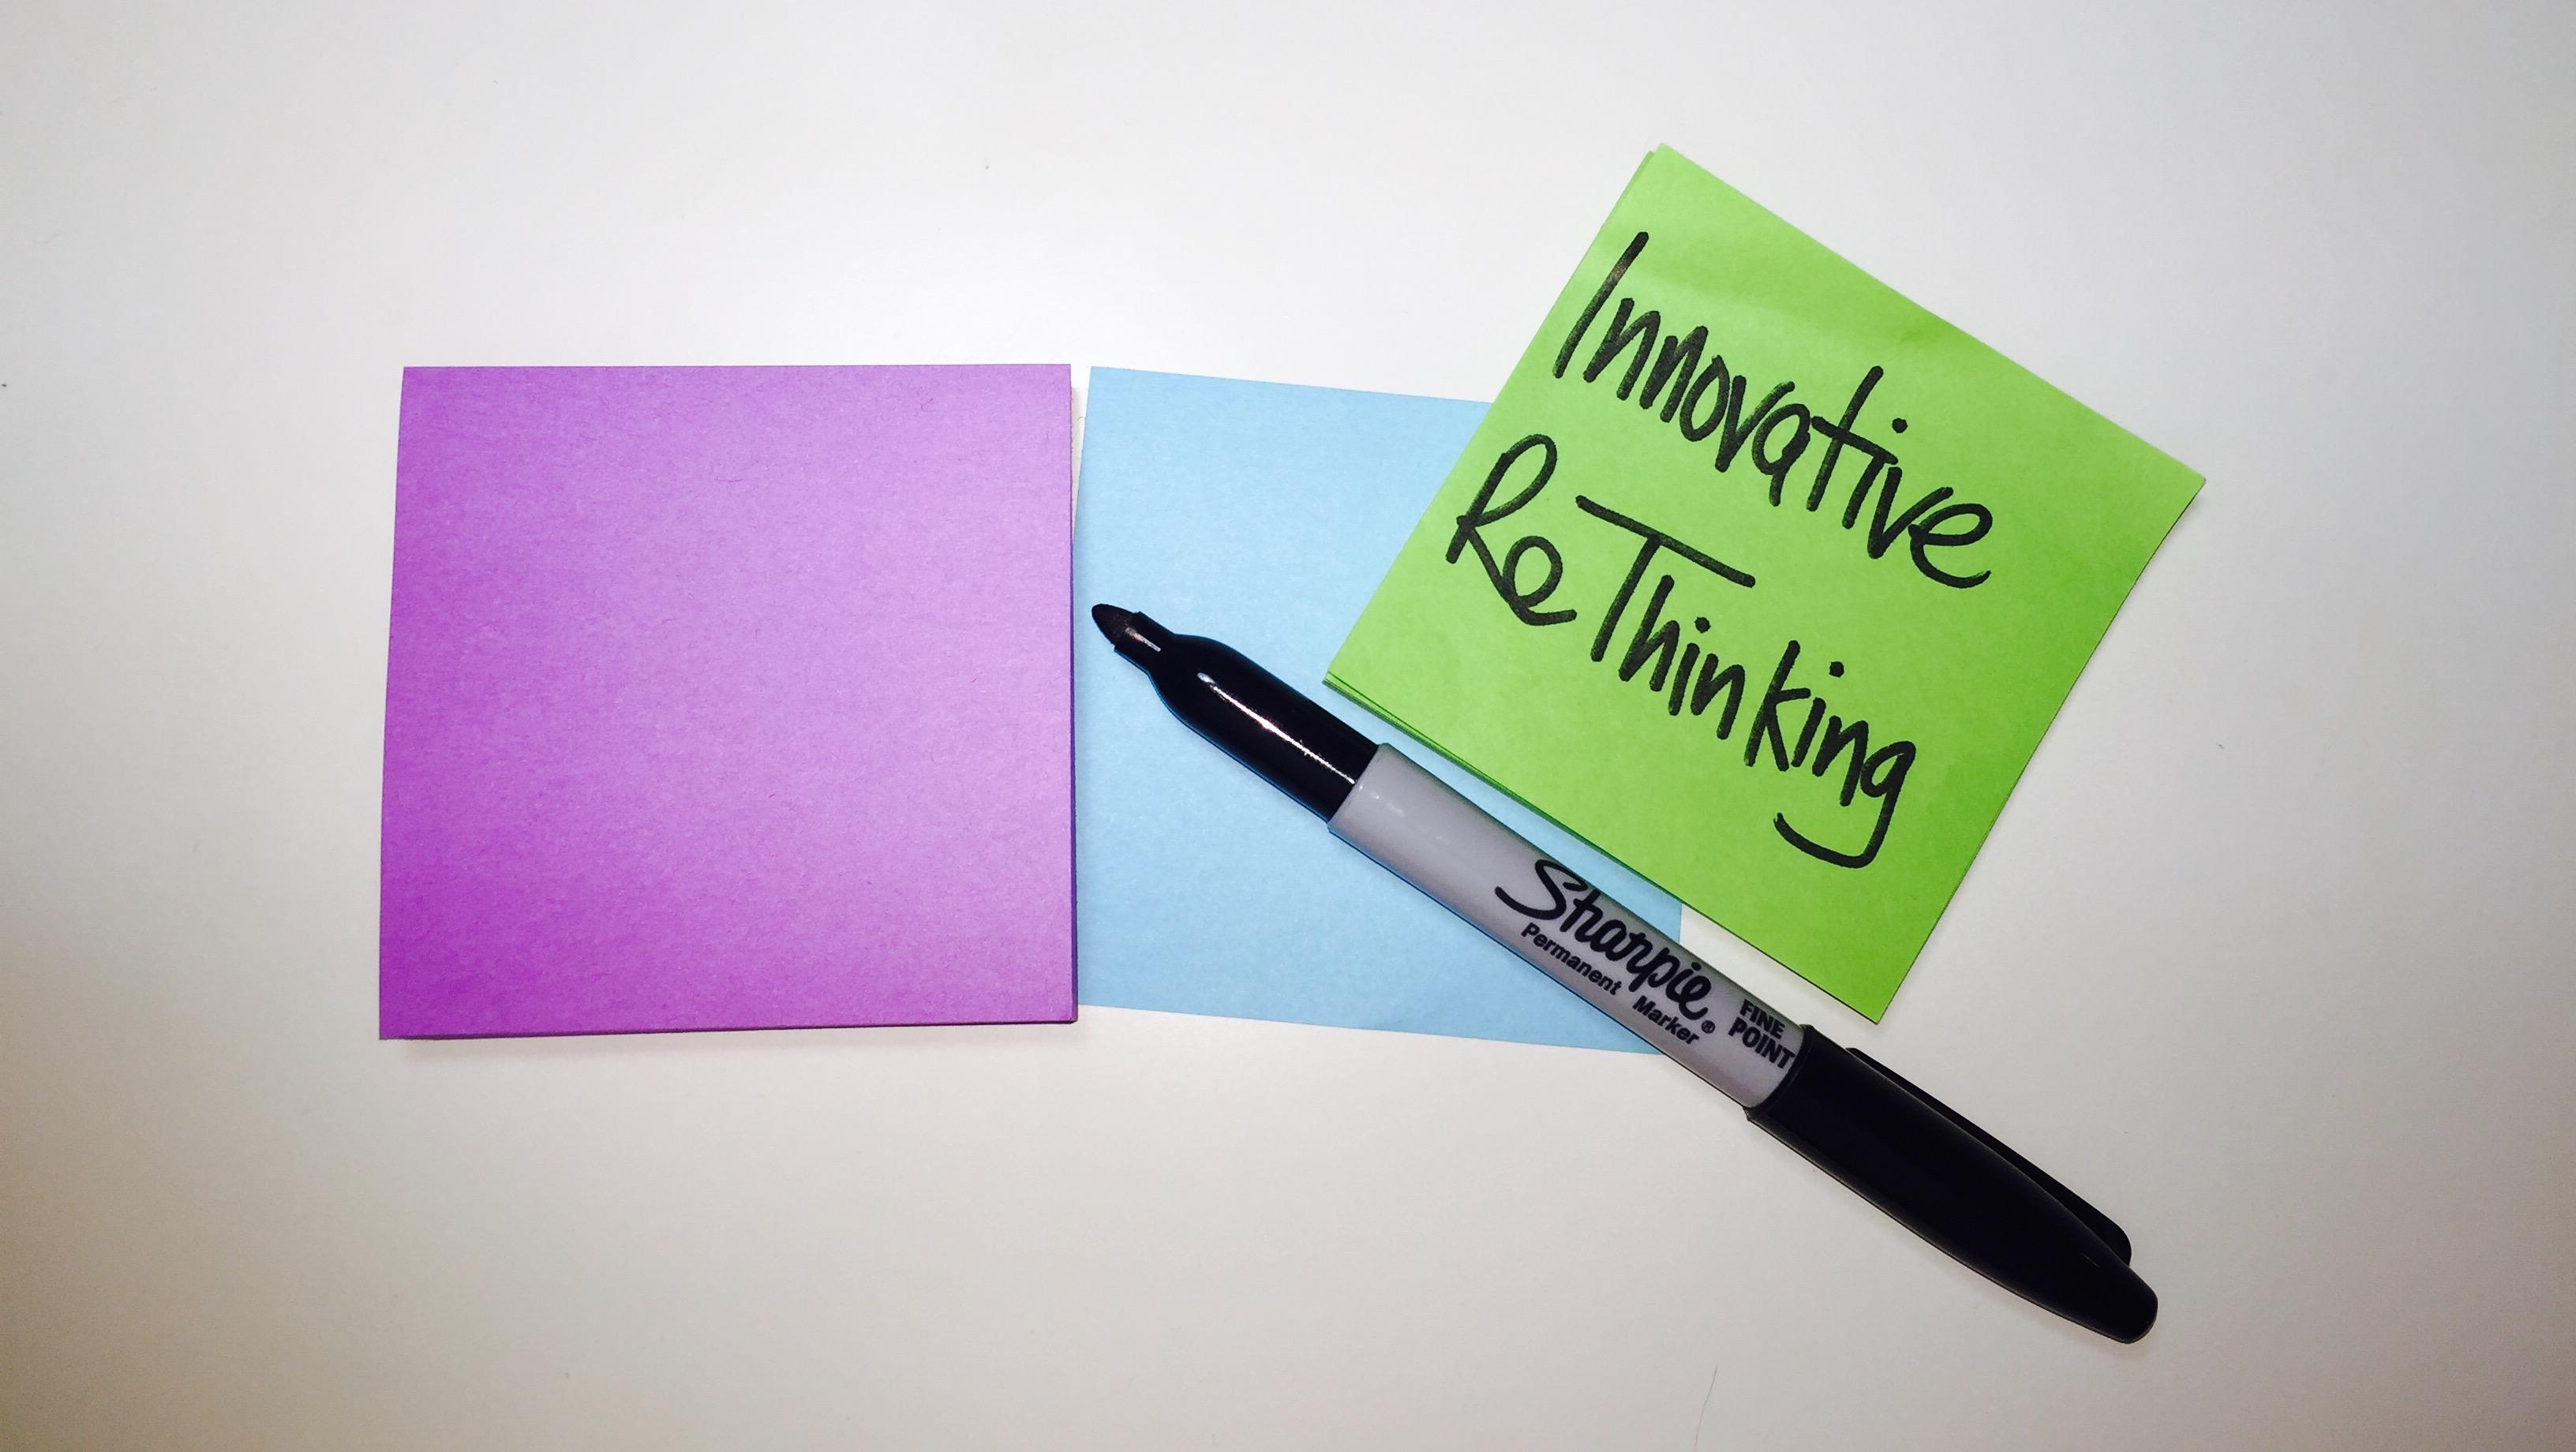 Innovative Rethinking